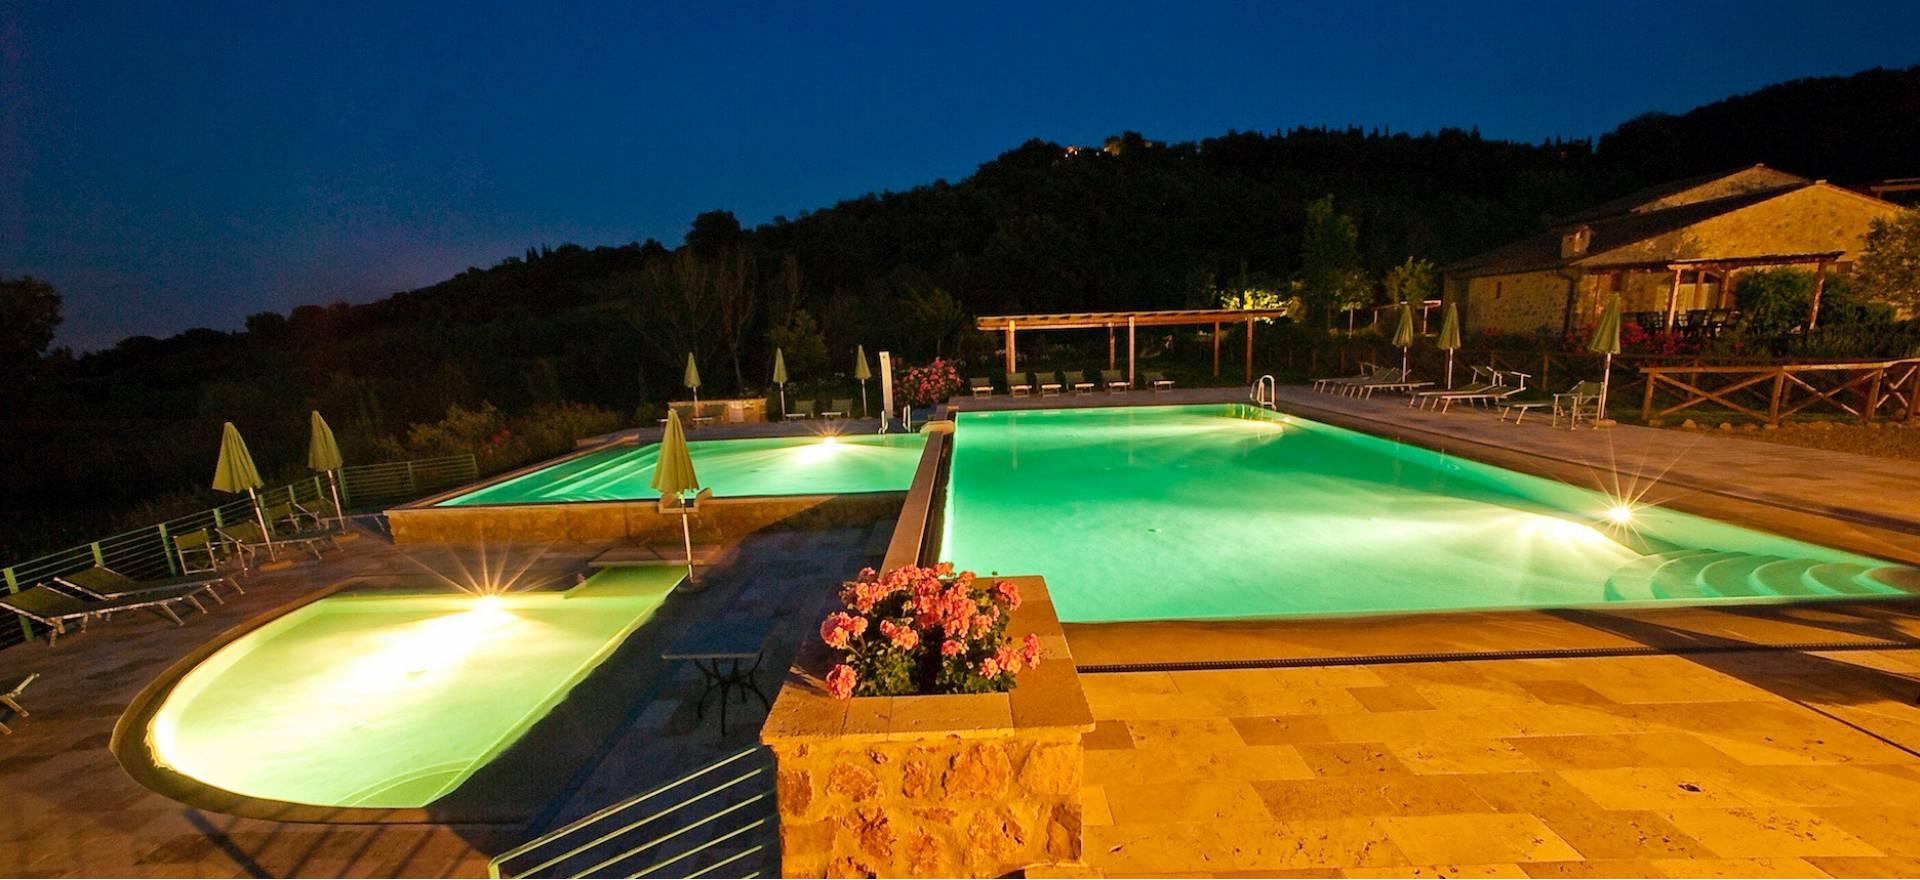 Agriturismo Toscane Kindvriendelijk resort in Toscane met geweldig zwembad